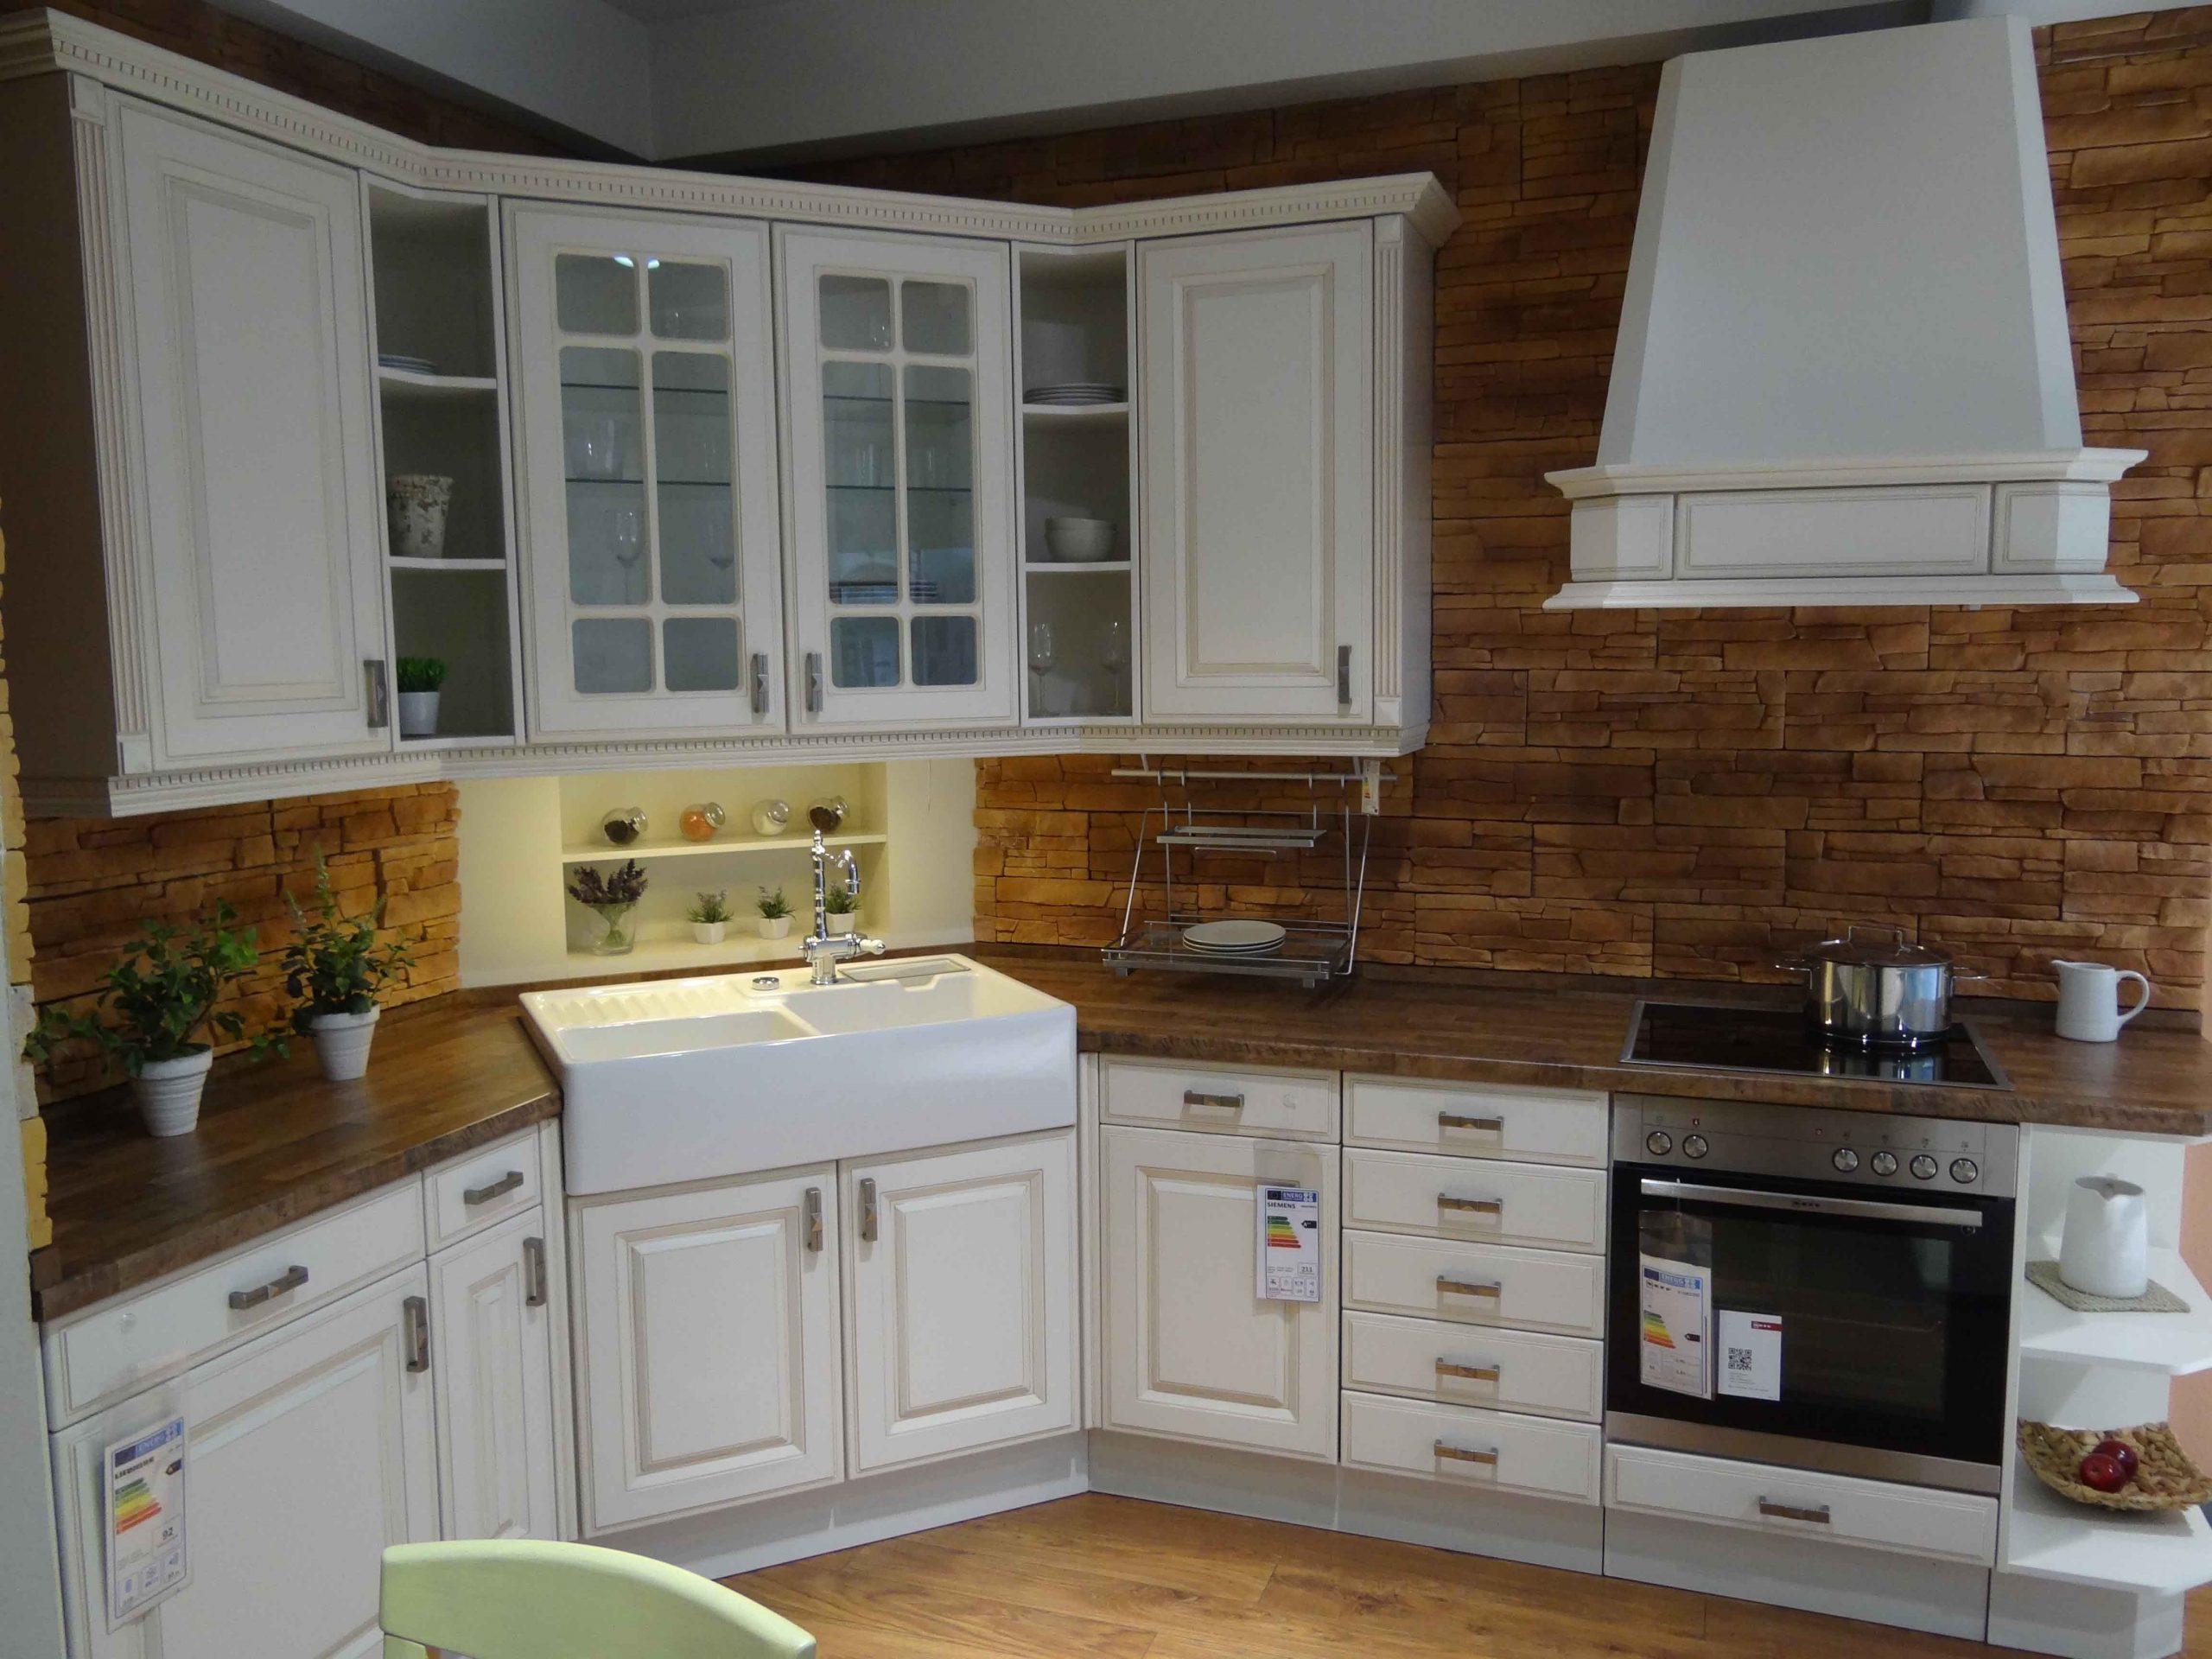 Full Size of Was Kostet Eine Küche Nach Maß Was Kostet Eine Küche Mit Geräten Was Kostet Eine Küche In Der Schweiz Was Kostet Eine Küche Einbauen Zu Lassen Küche Was Kostet Eine Küche